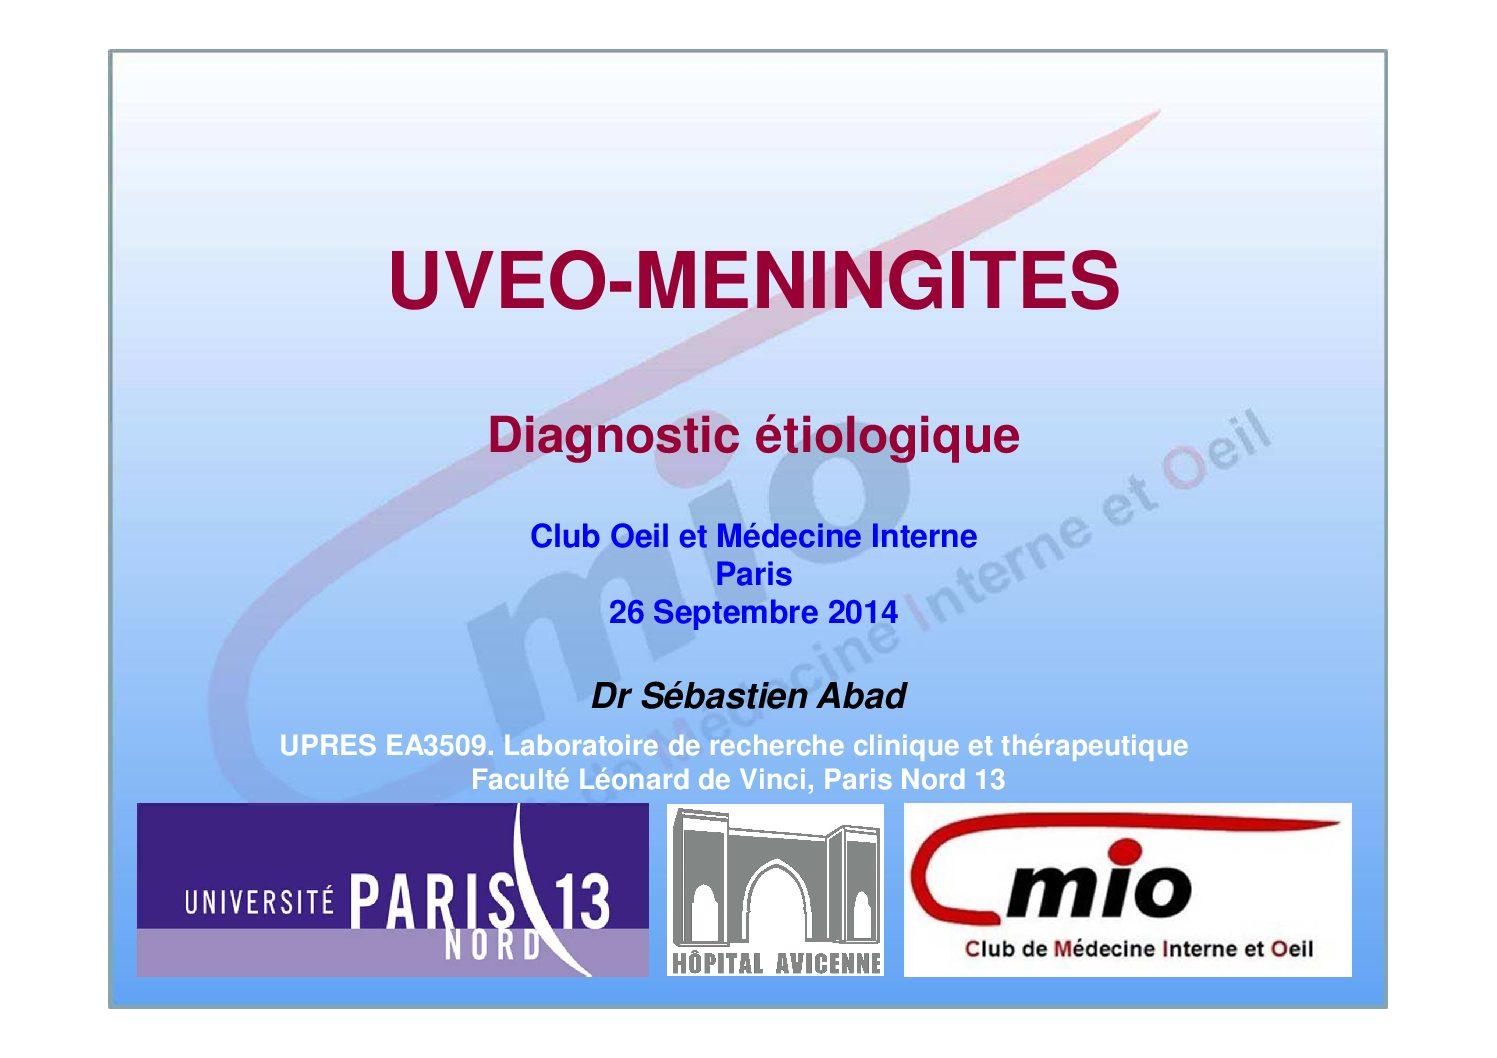 Uvéo-méningites : diagnostic étiologique